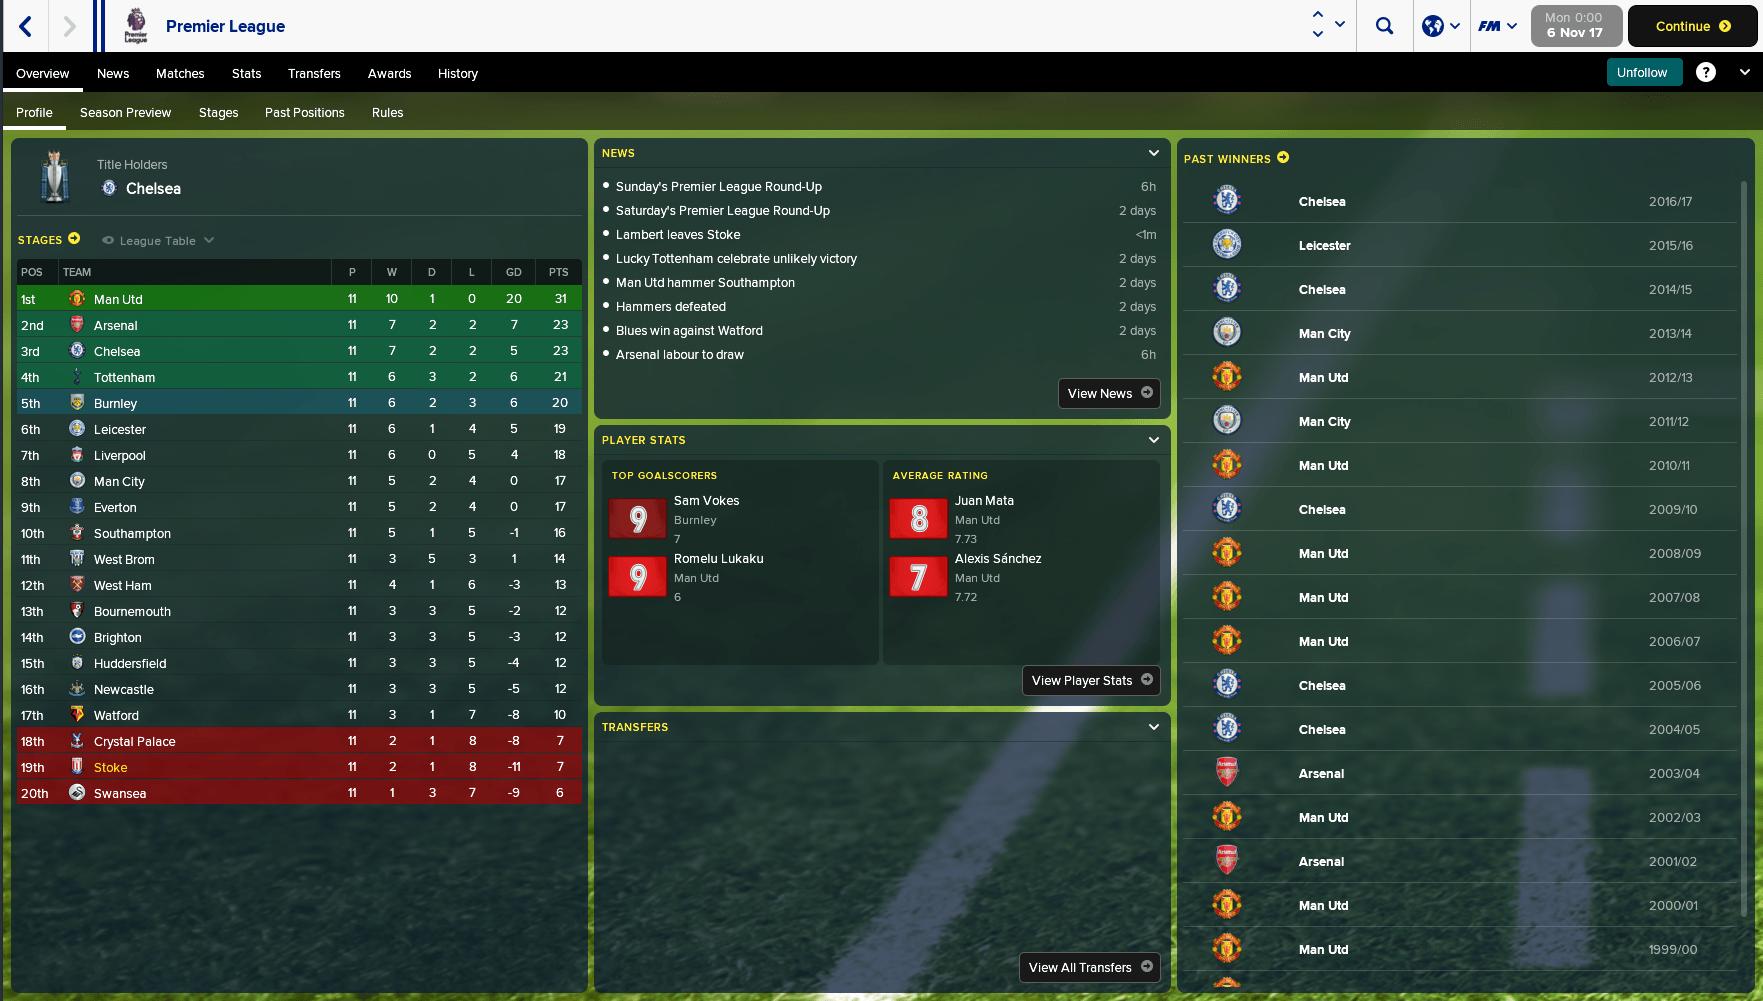 Premier-League_-Overview-Profile.png